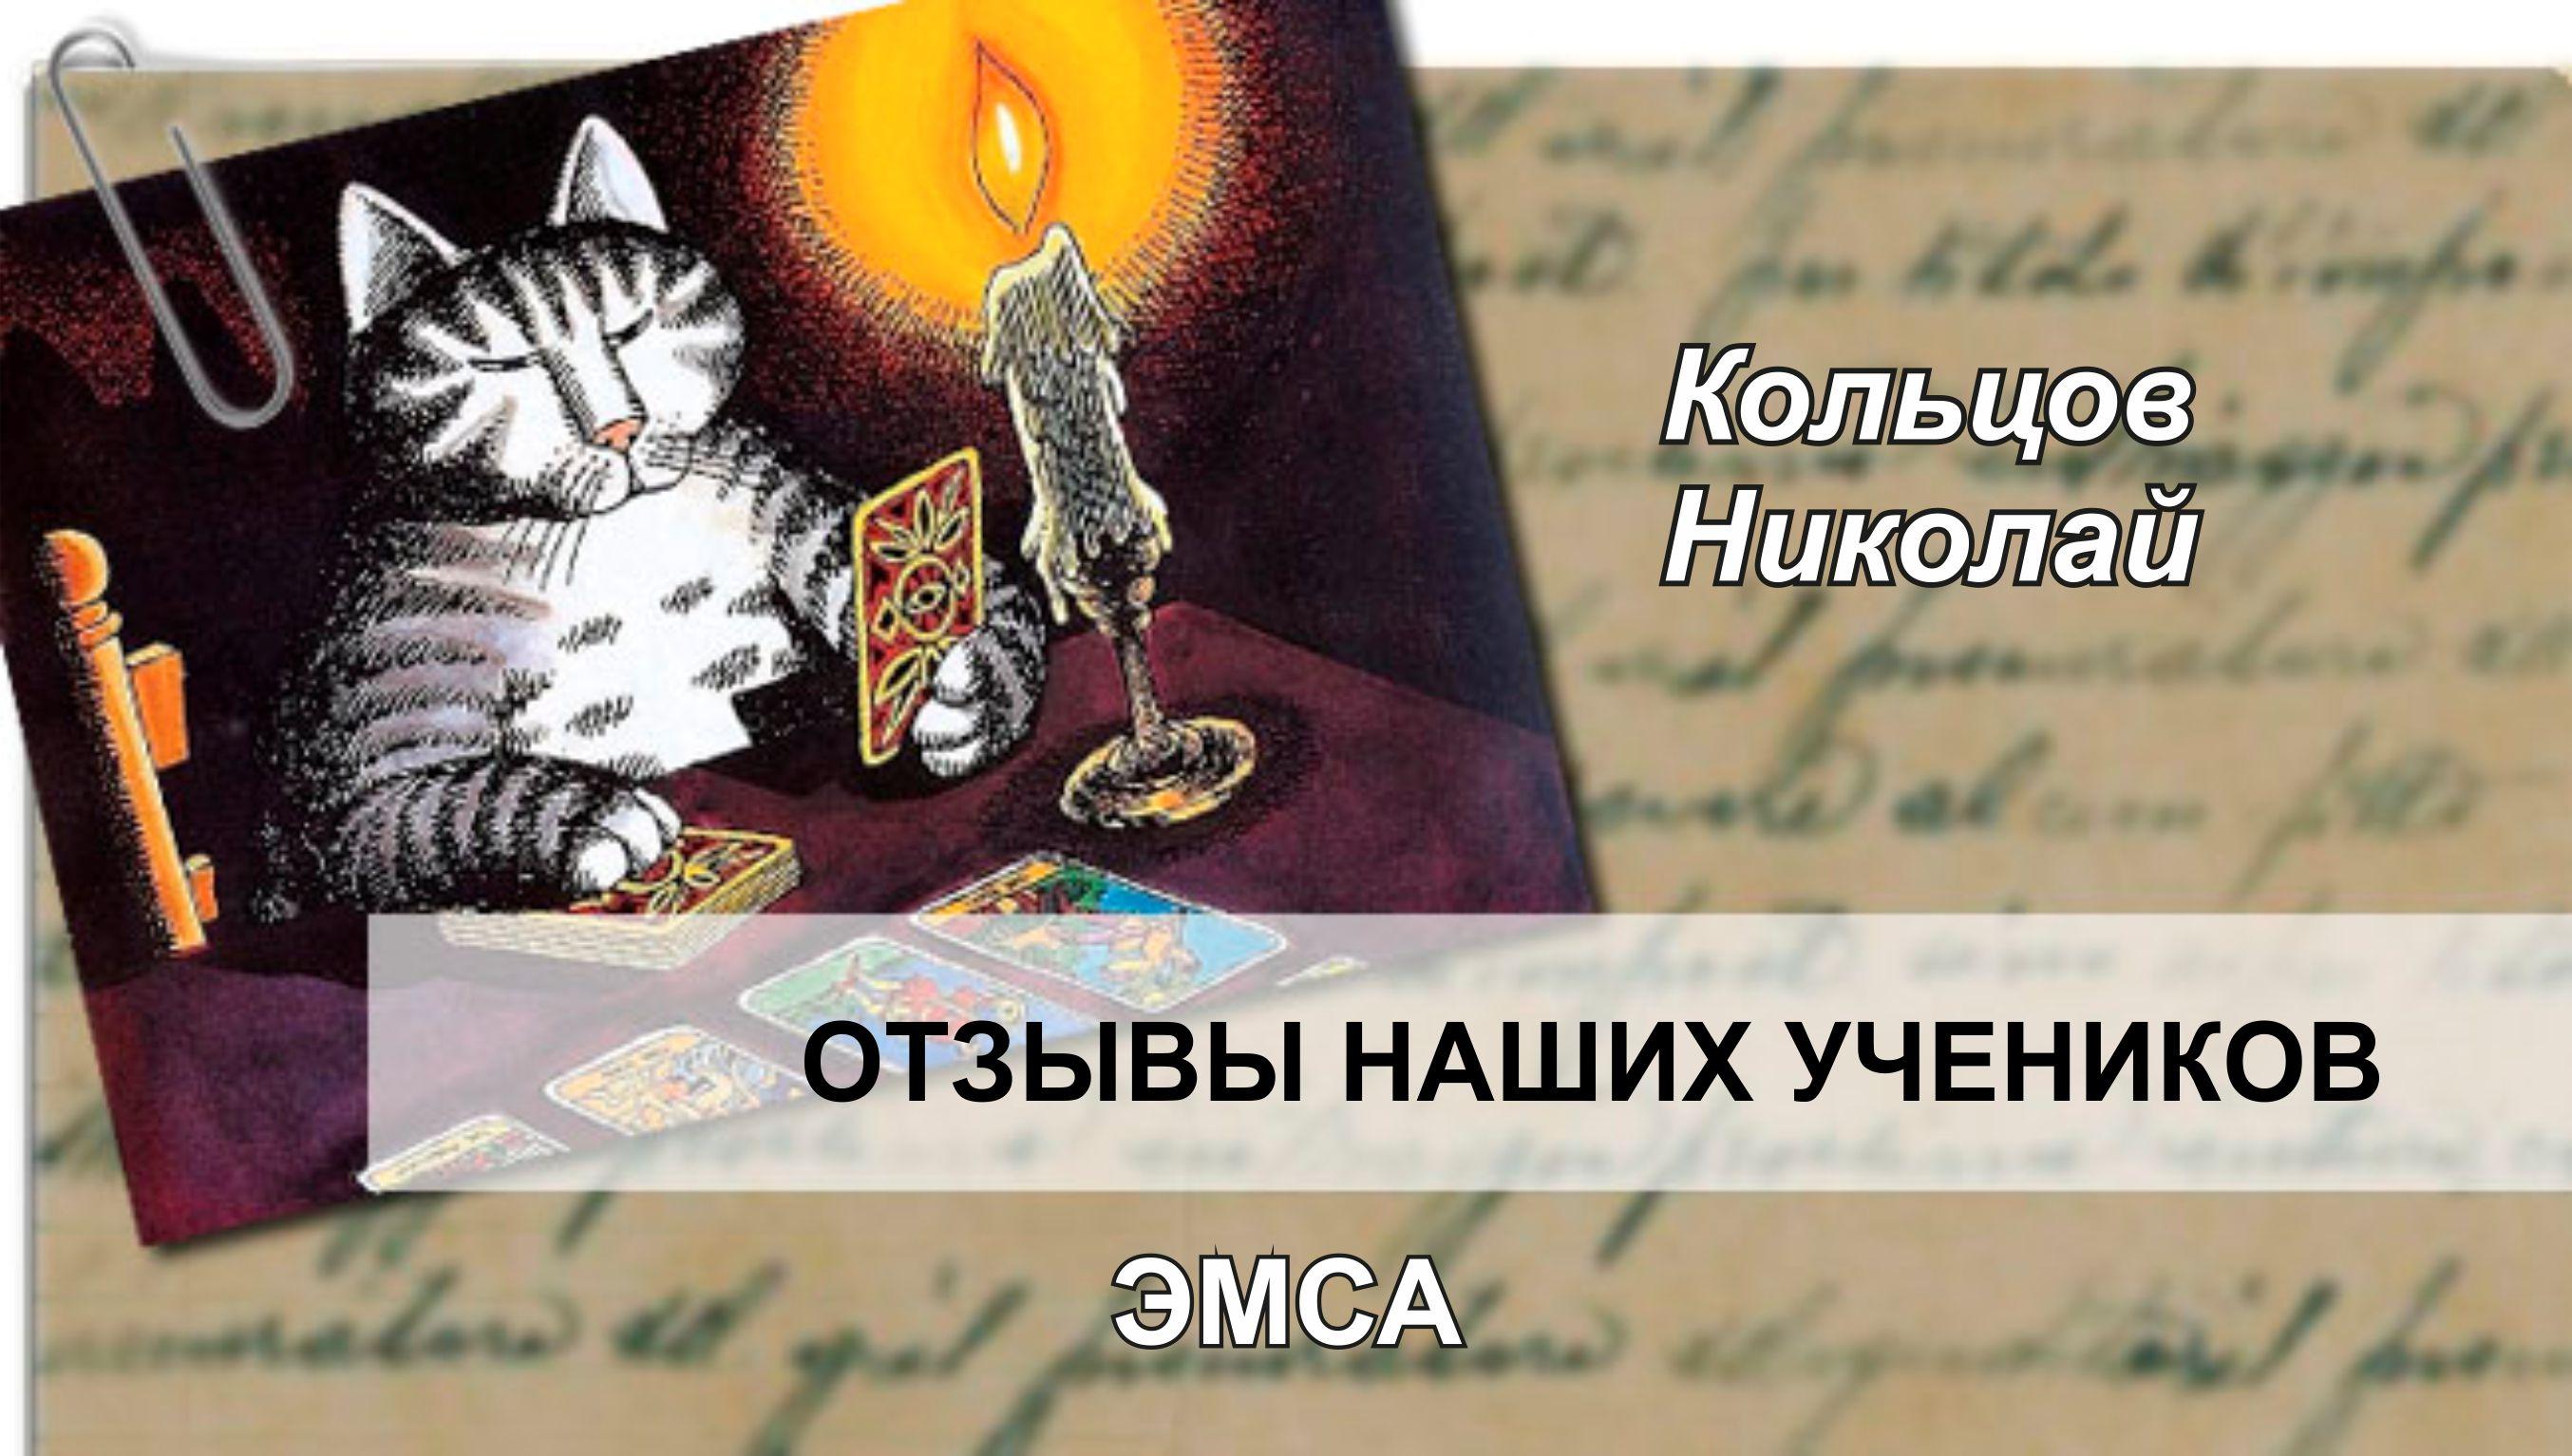 Кольцов Николай делится впечатлениями после курса ЭМСА